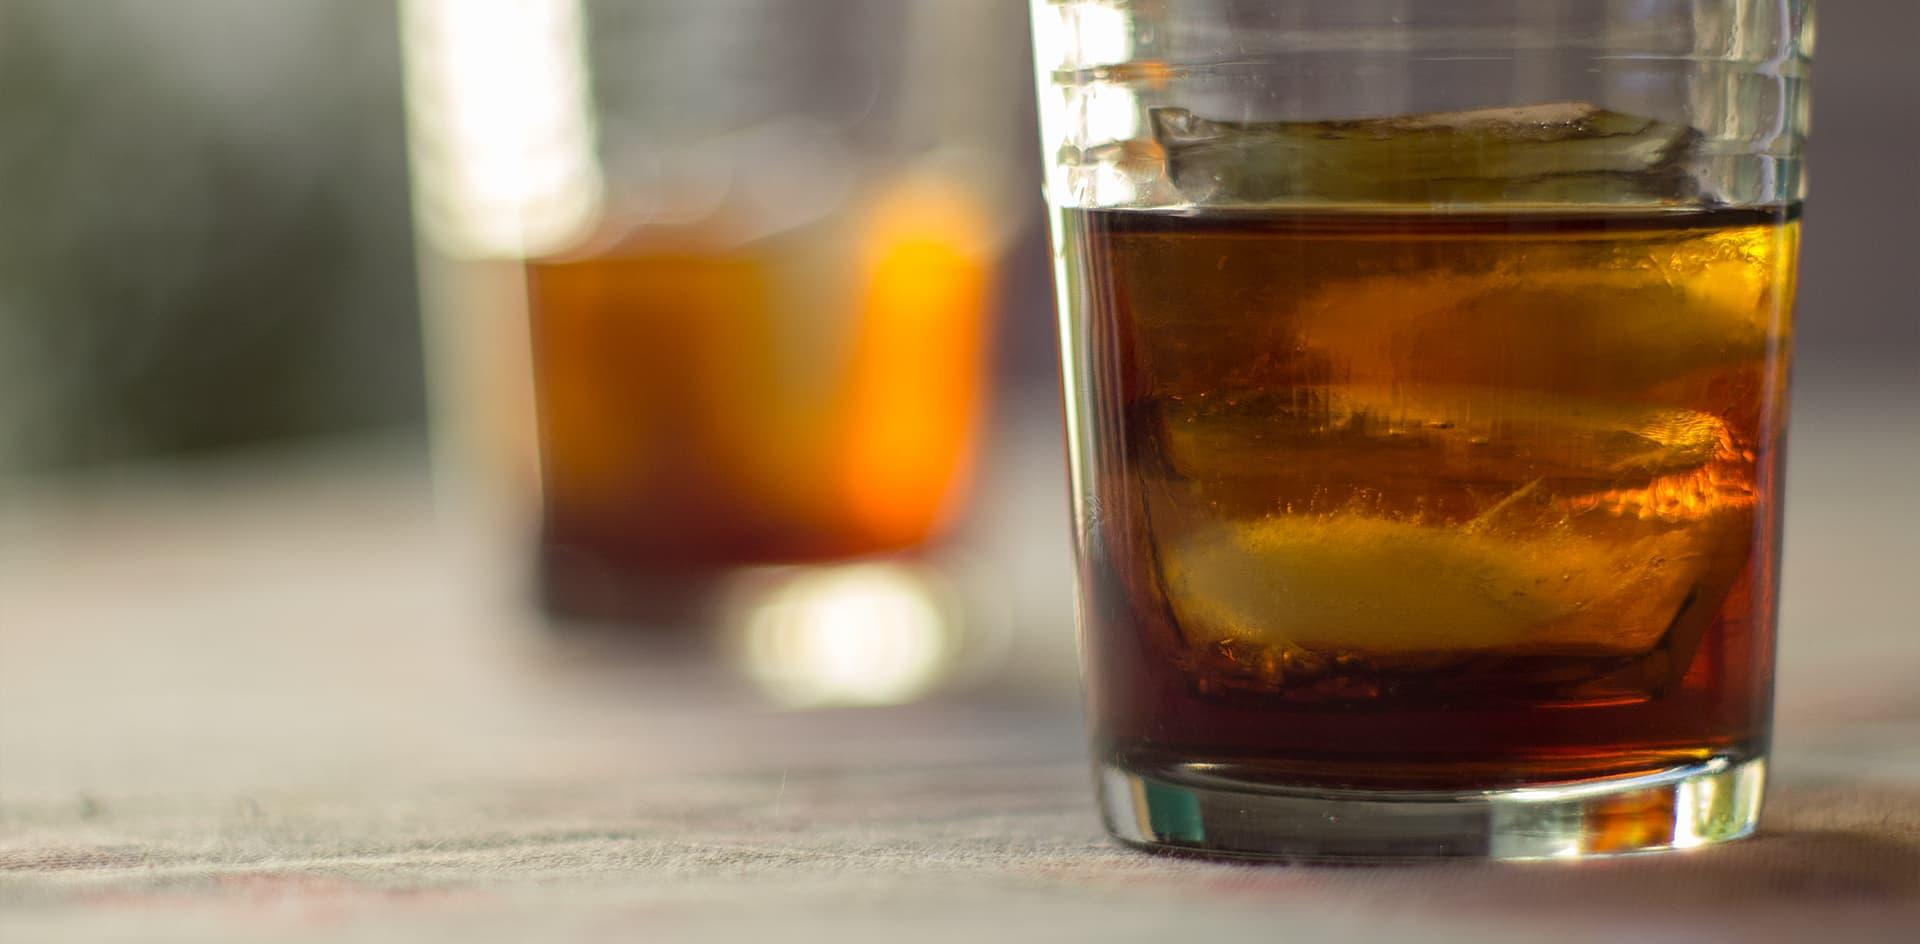 Estudio detecta un aumento en el consumo de sustancias psicoactivas durante la cuarentena